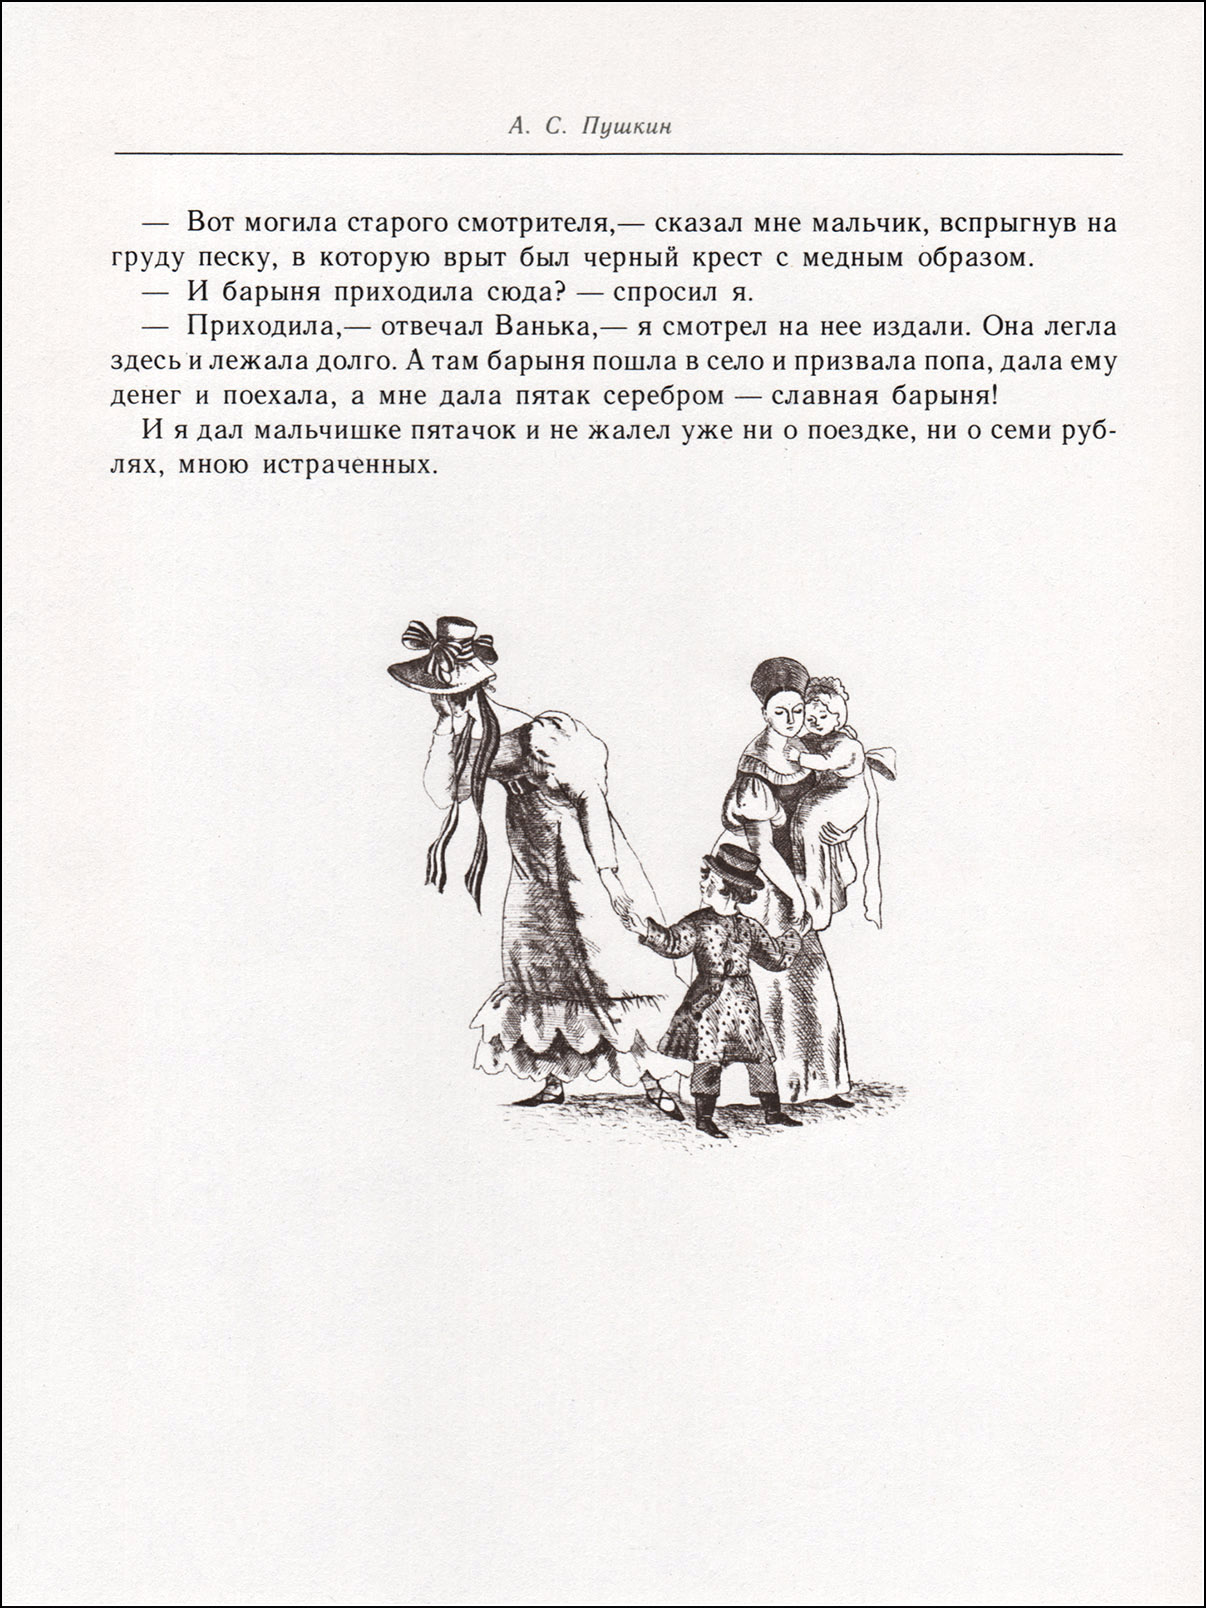 Ольга Якутович, Пушкин, Повести Белкина